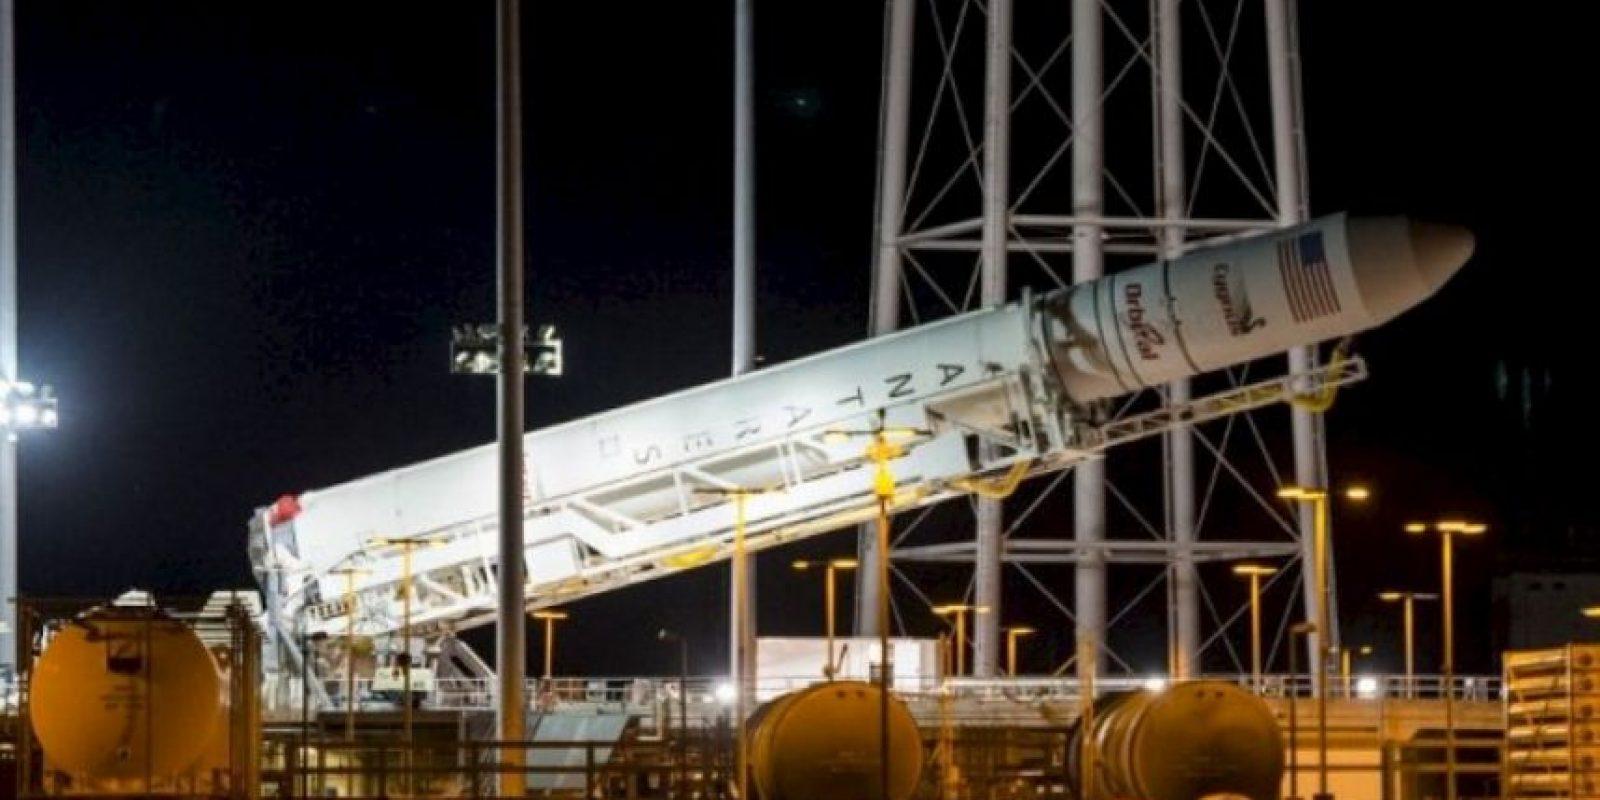 """La misión de Antares era llevar suministros a la Estación Espacial Internacional. Hasta el momento no se reporta la pérdida de vidas humanas, sin embargo: """"Hubo un daño importante de la infraestructura"""". Foto:AFP"""